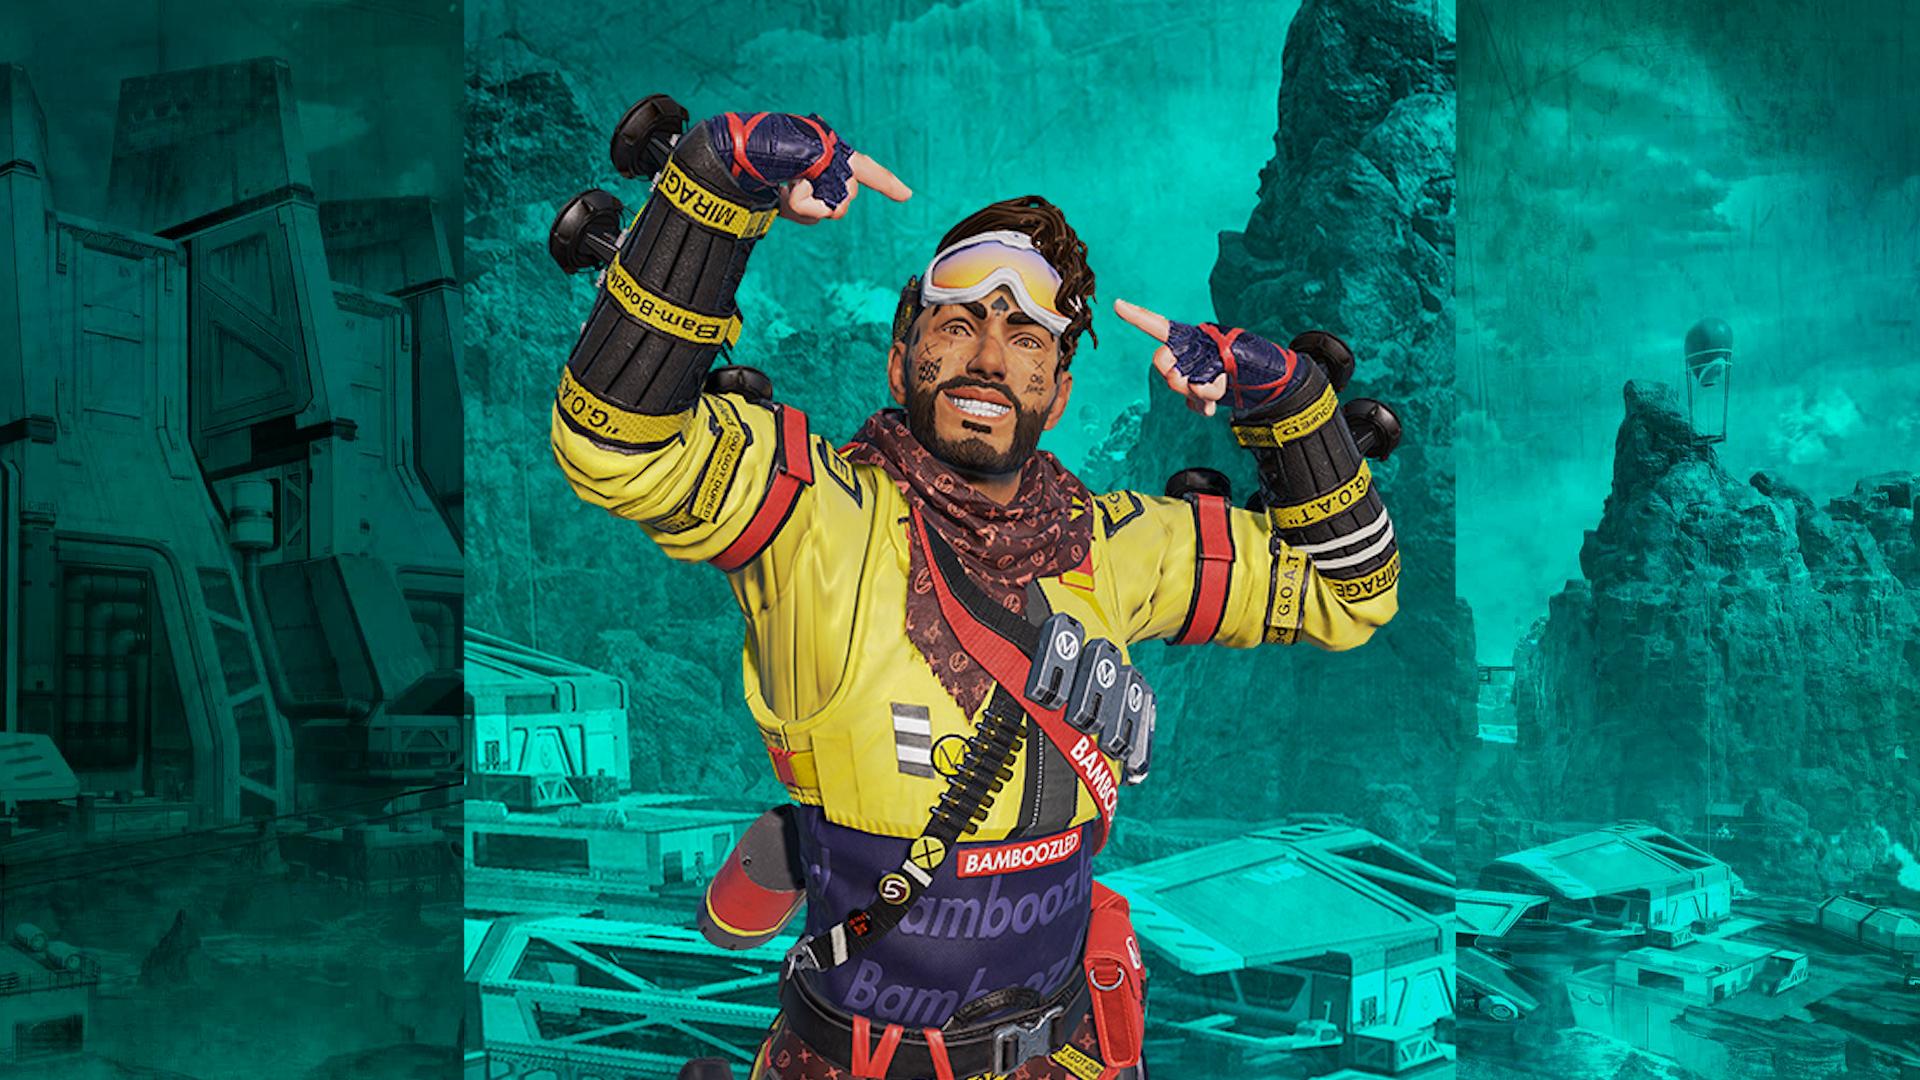 【APEX】『ミラージュ』のPrime Gaming限定スキンが登場!!「ゲーム内の見た目」や「入手方法」など